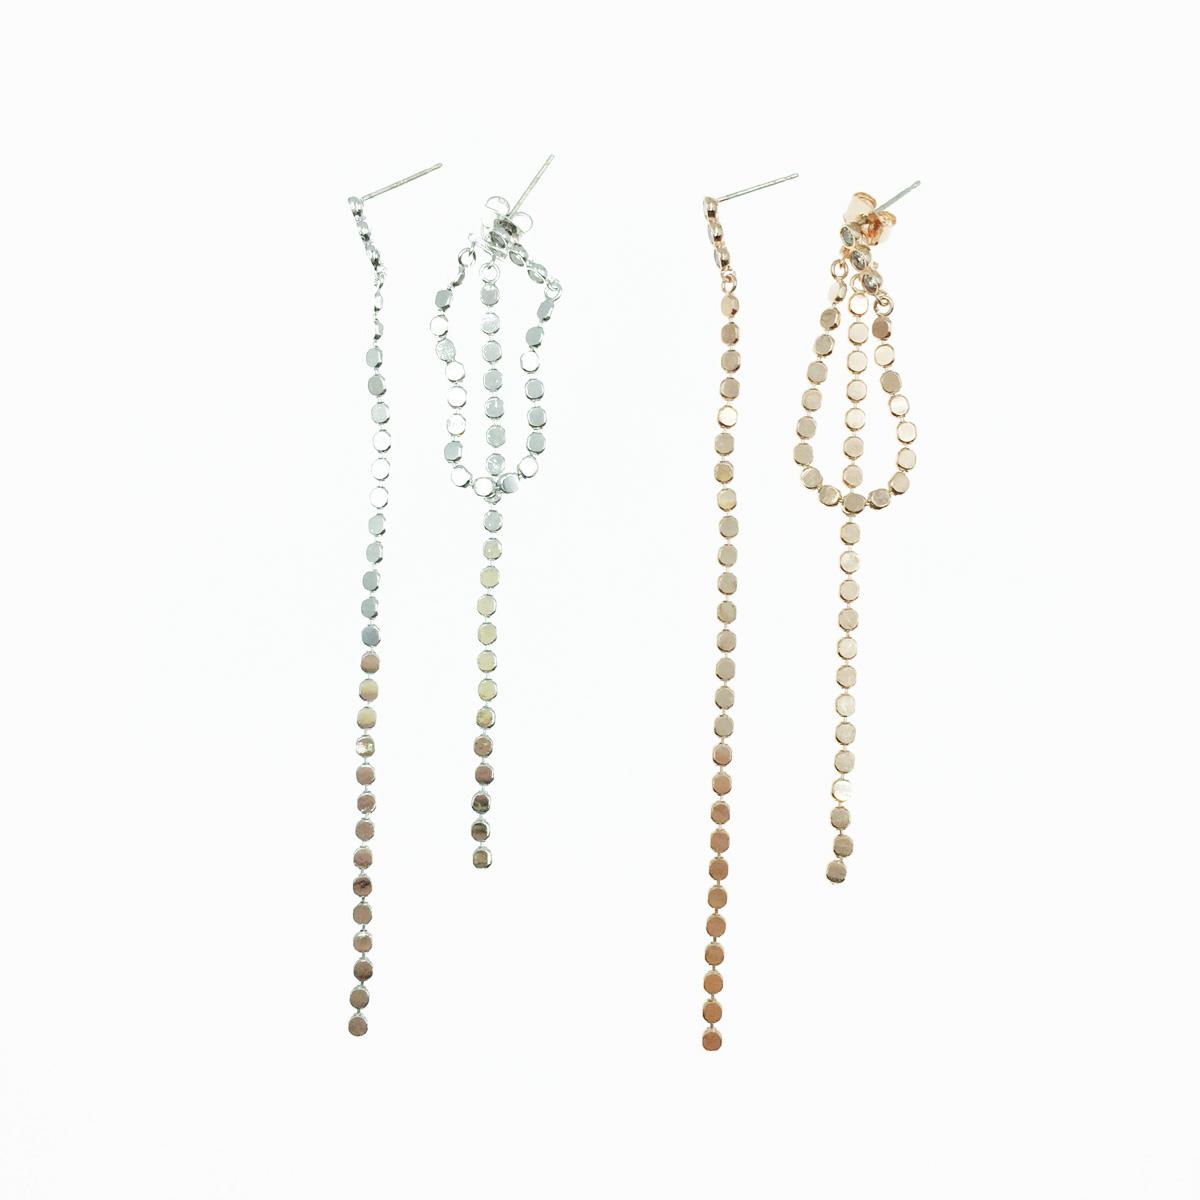 韓國 925純銀 水鑽 圓鑽鍊 2色 華麗風 垂墜耳針式耳環